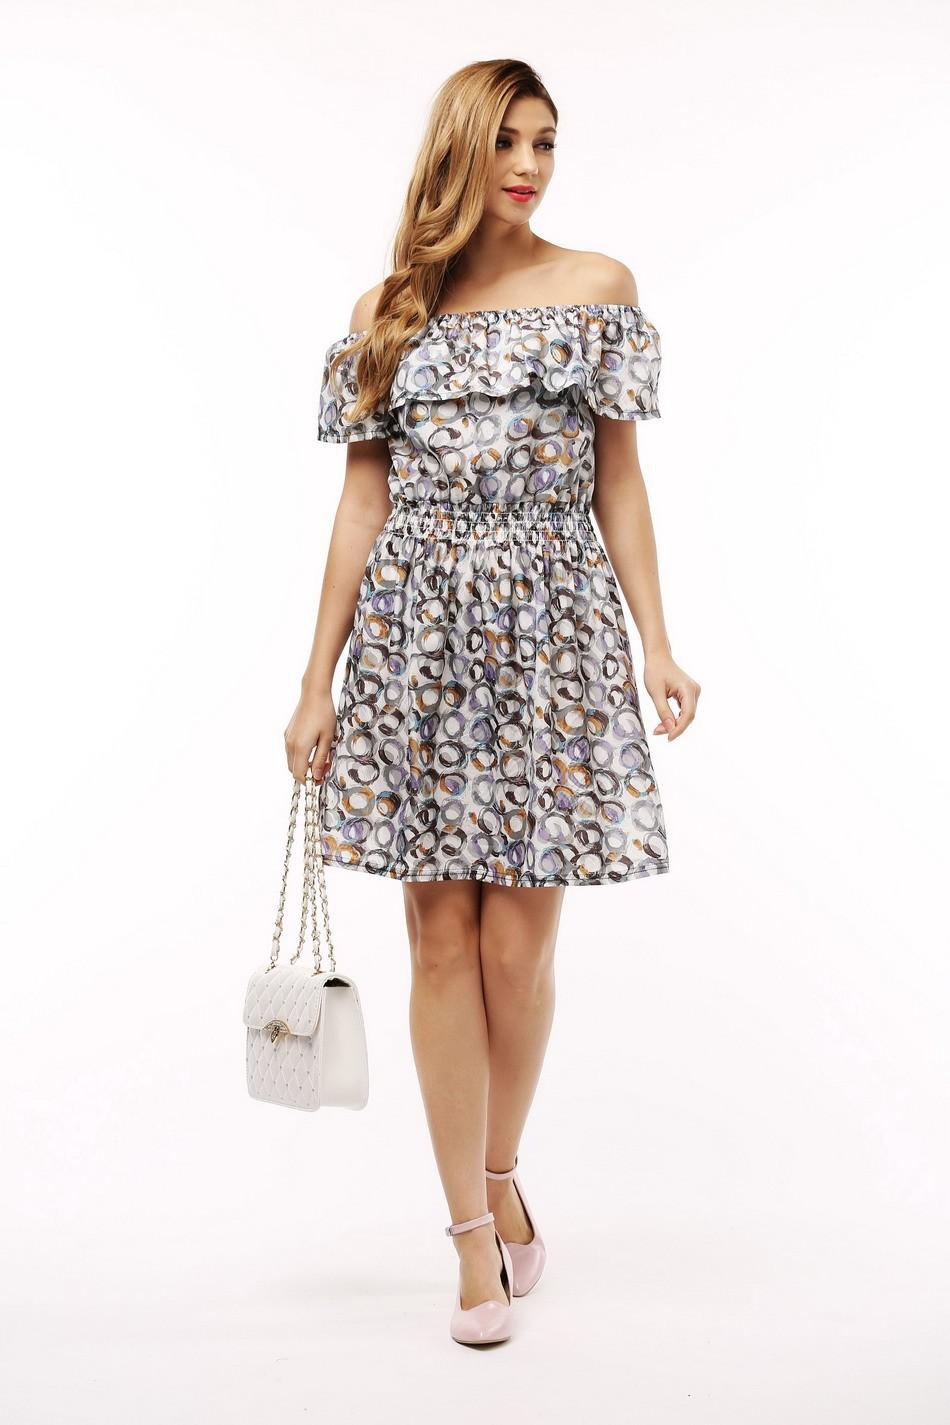 2017 fashion nowa wiosna lato plus size odzież kobiet floral print wzór sukienki na co dzień vestidos wc0472 9